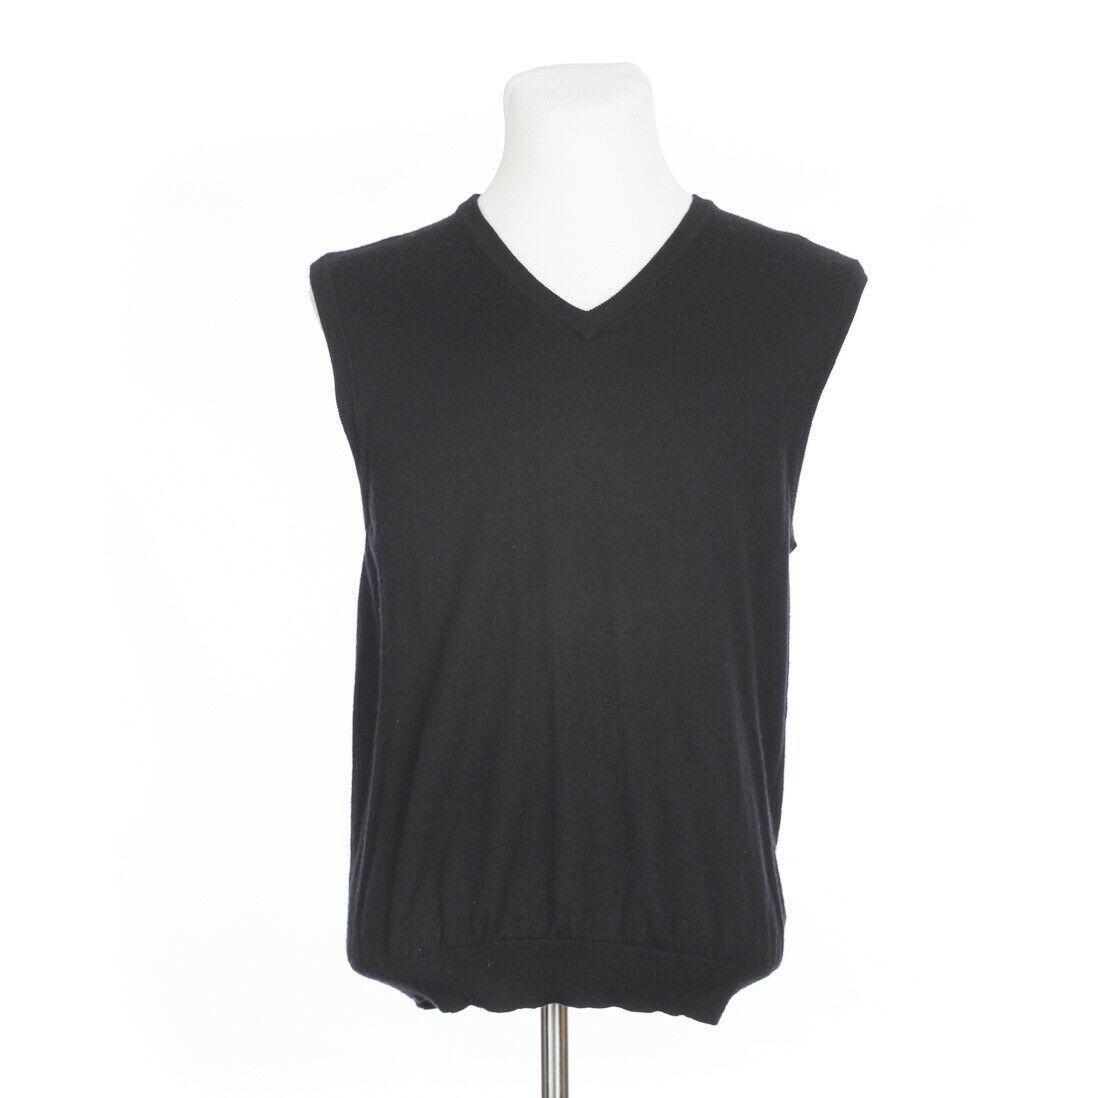 Brooks Brothers Extra Fine Merino Wool Solid Black Sweater Vest Mens Medium image 4